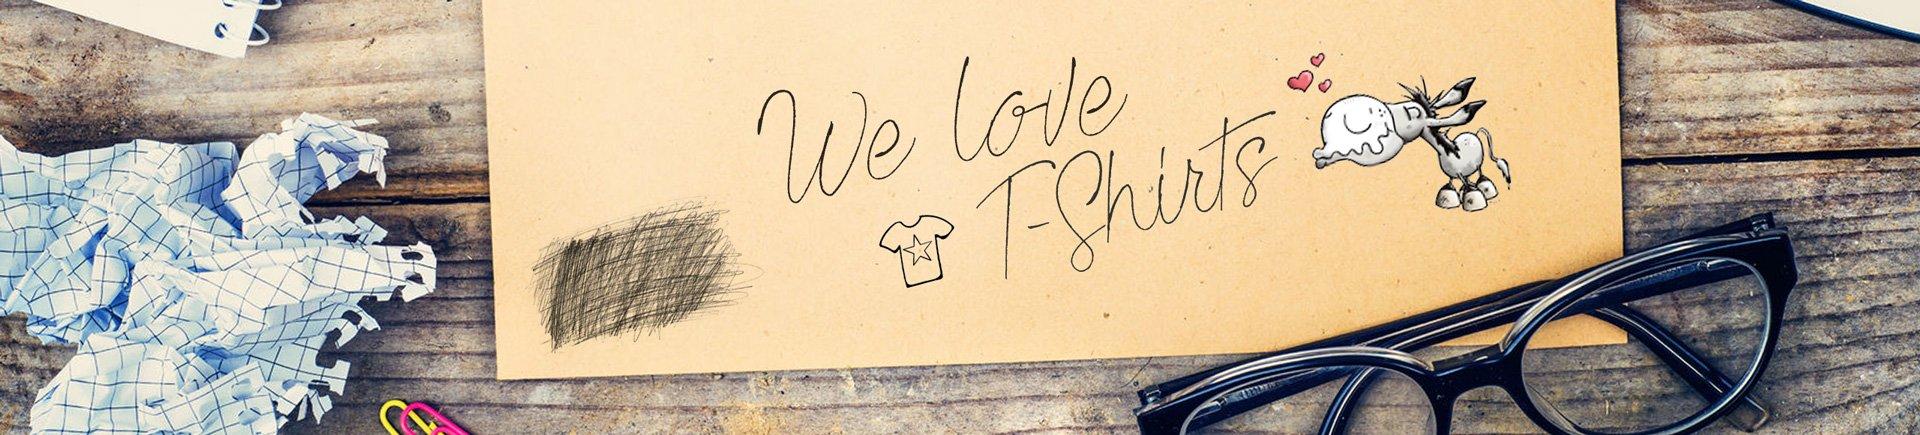 Der T-Shirt Blog - T-Shirts wie Du sie willst!